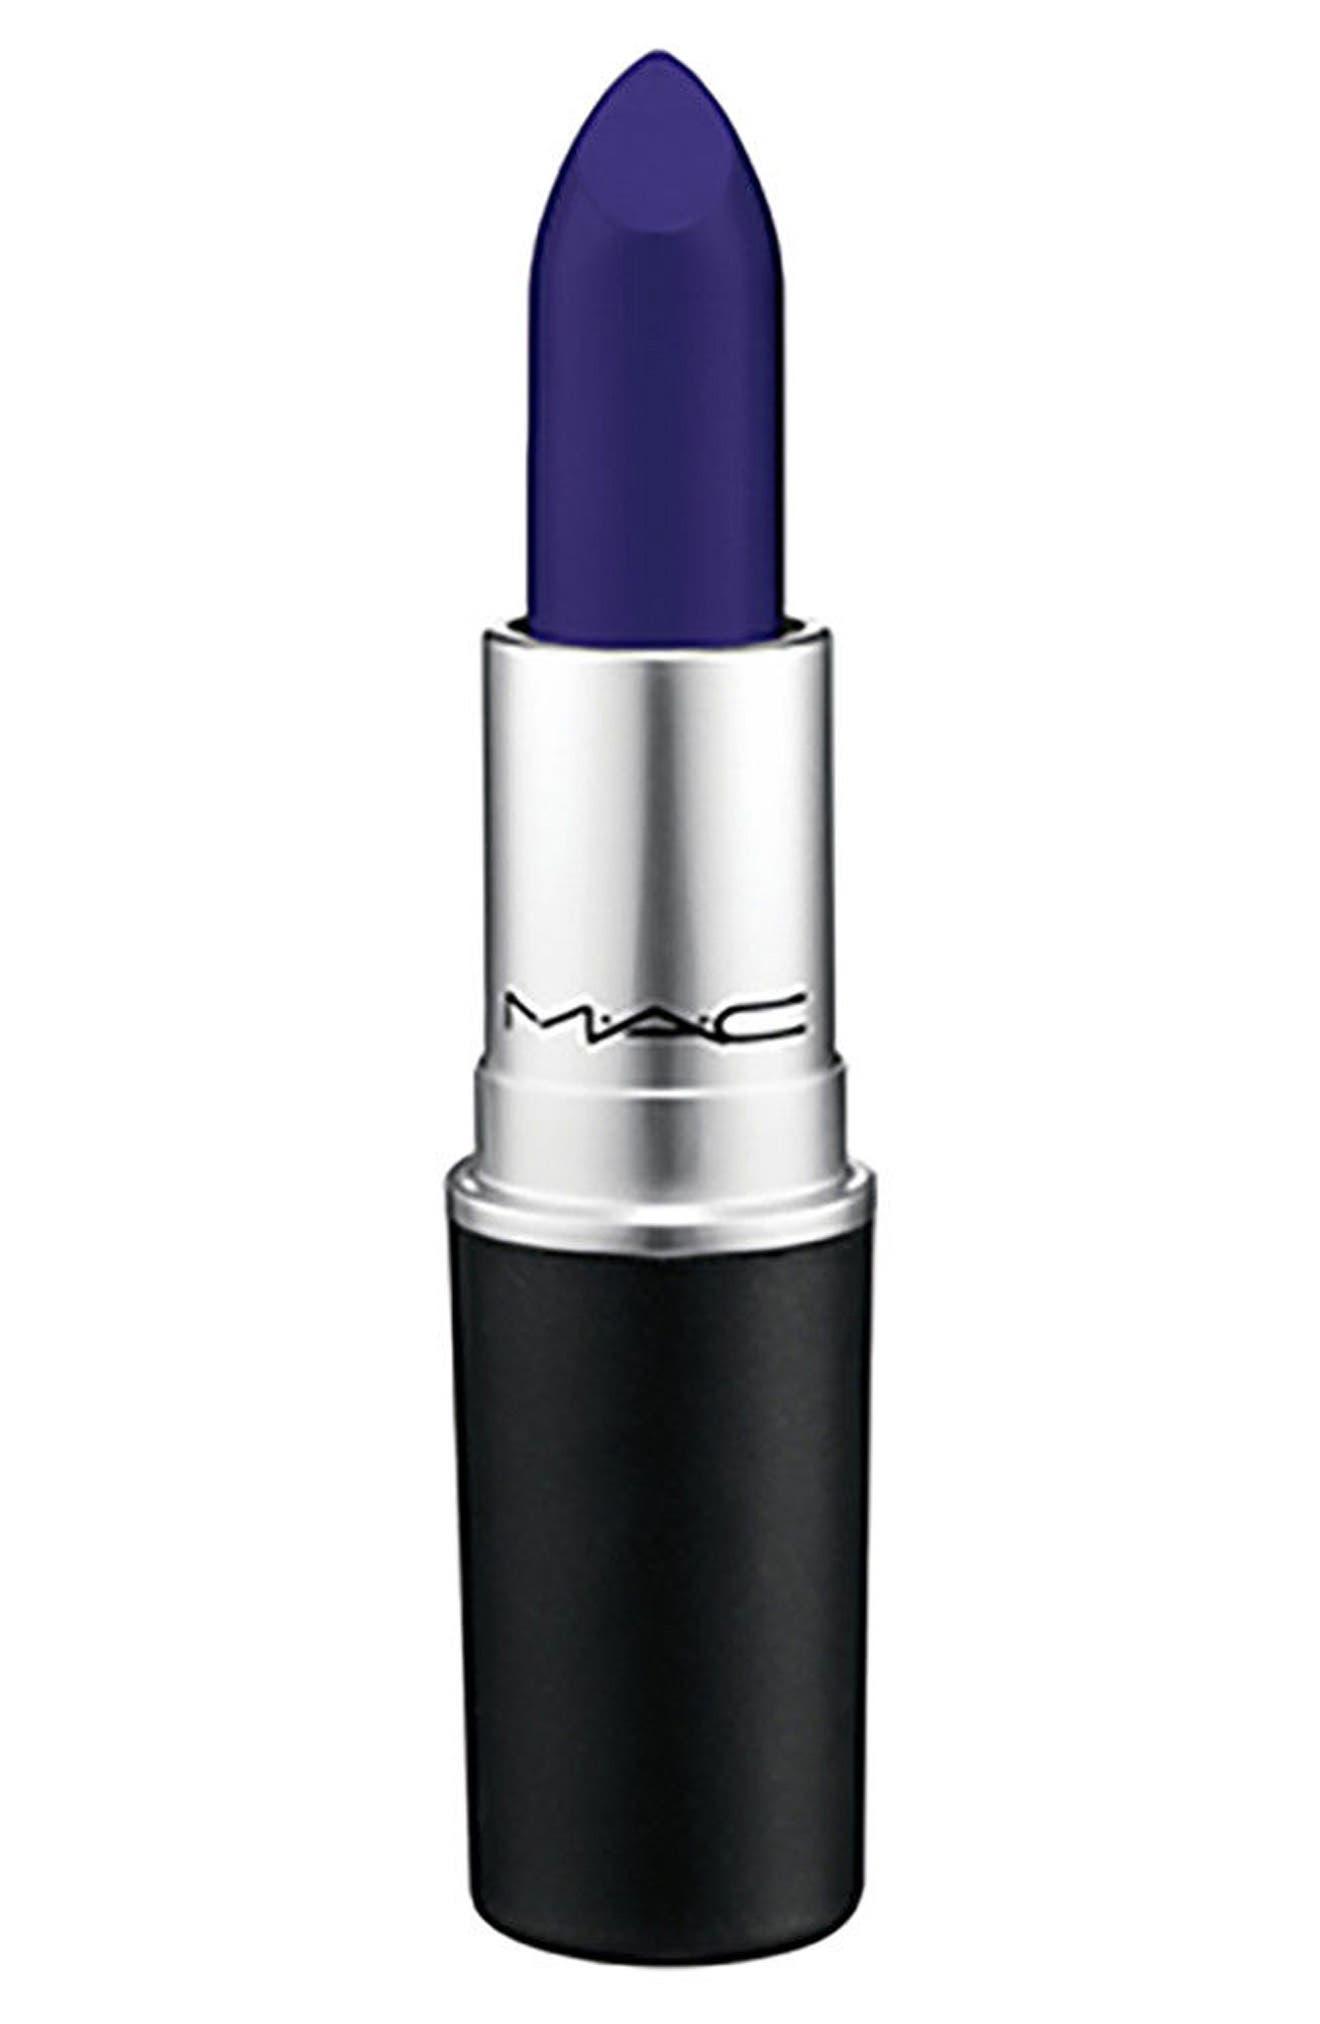 MAC Matte Royal Lipstick